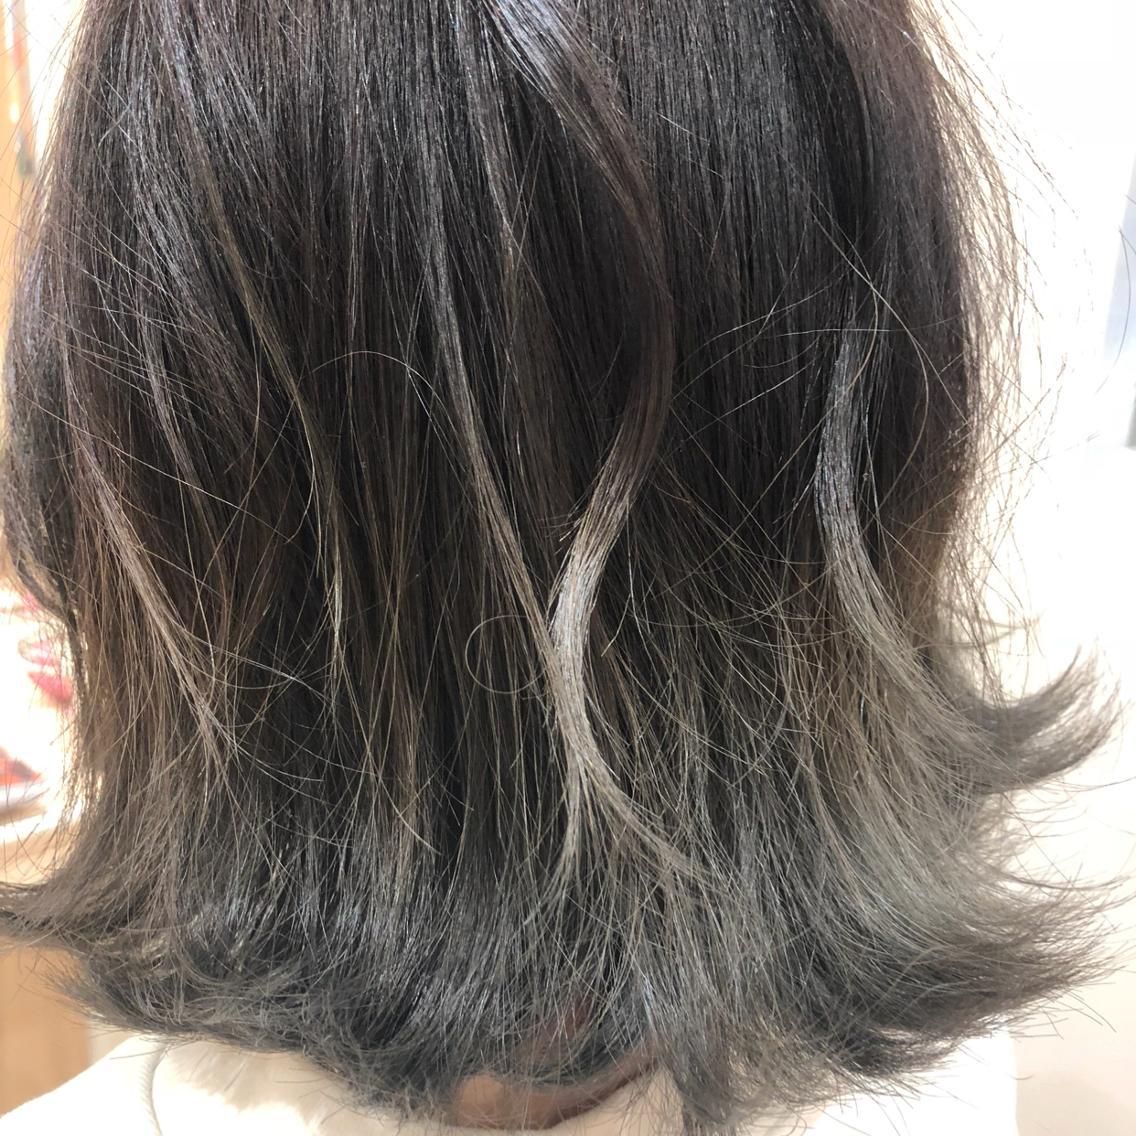 カラー  縮毛矯正   パーマのモデルさんあらためて大募集してます!!!